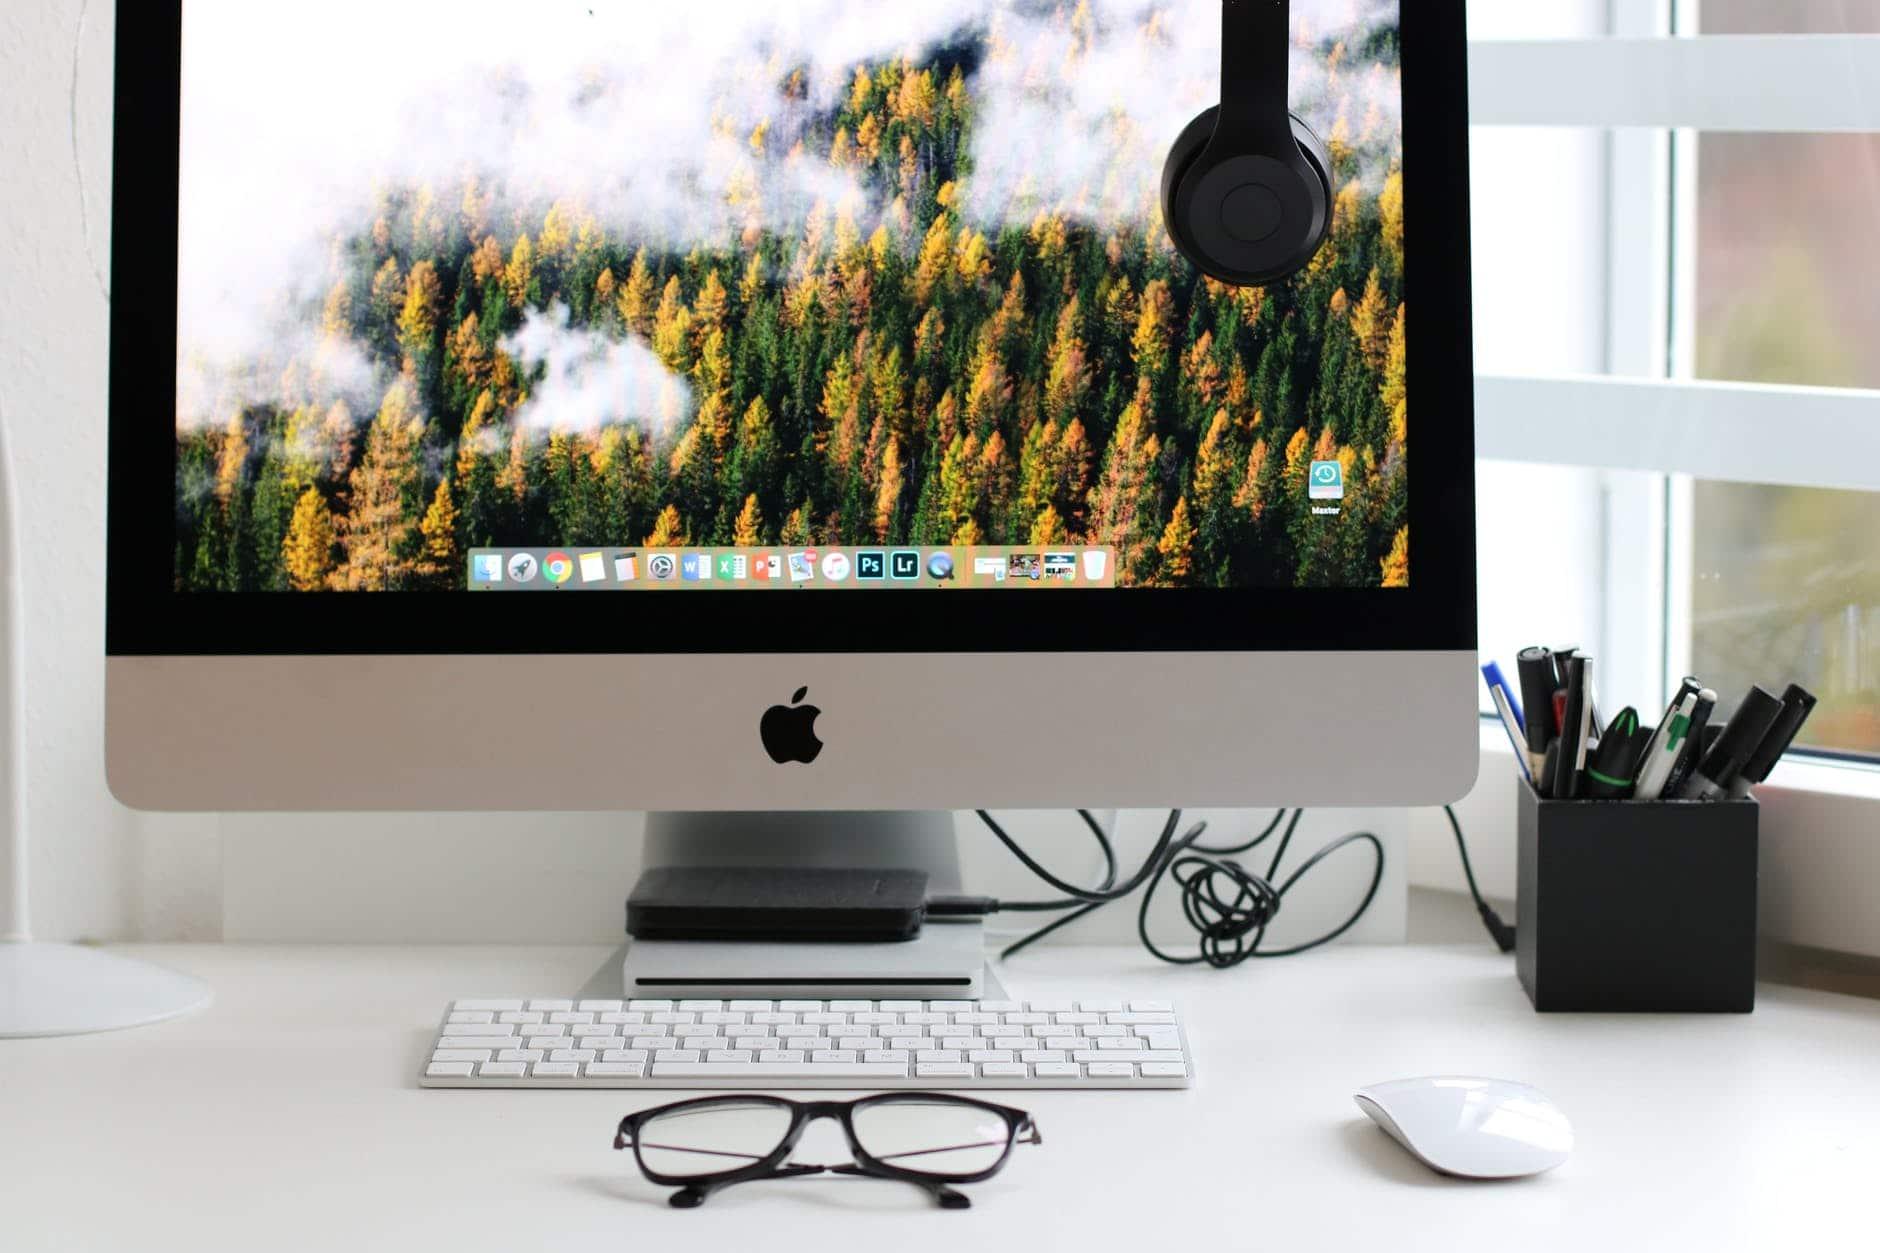 Cómo funciona un antivirus para Mac